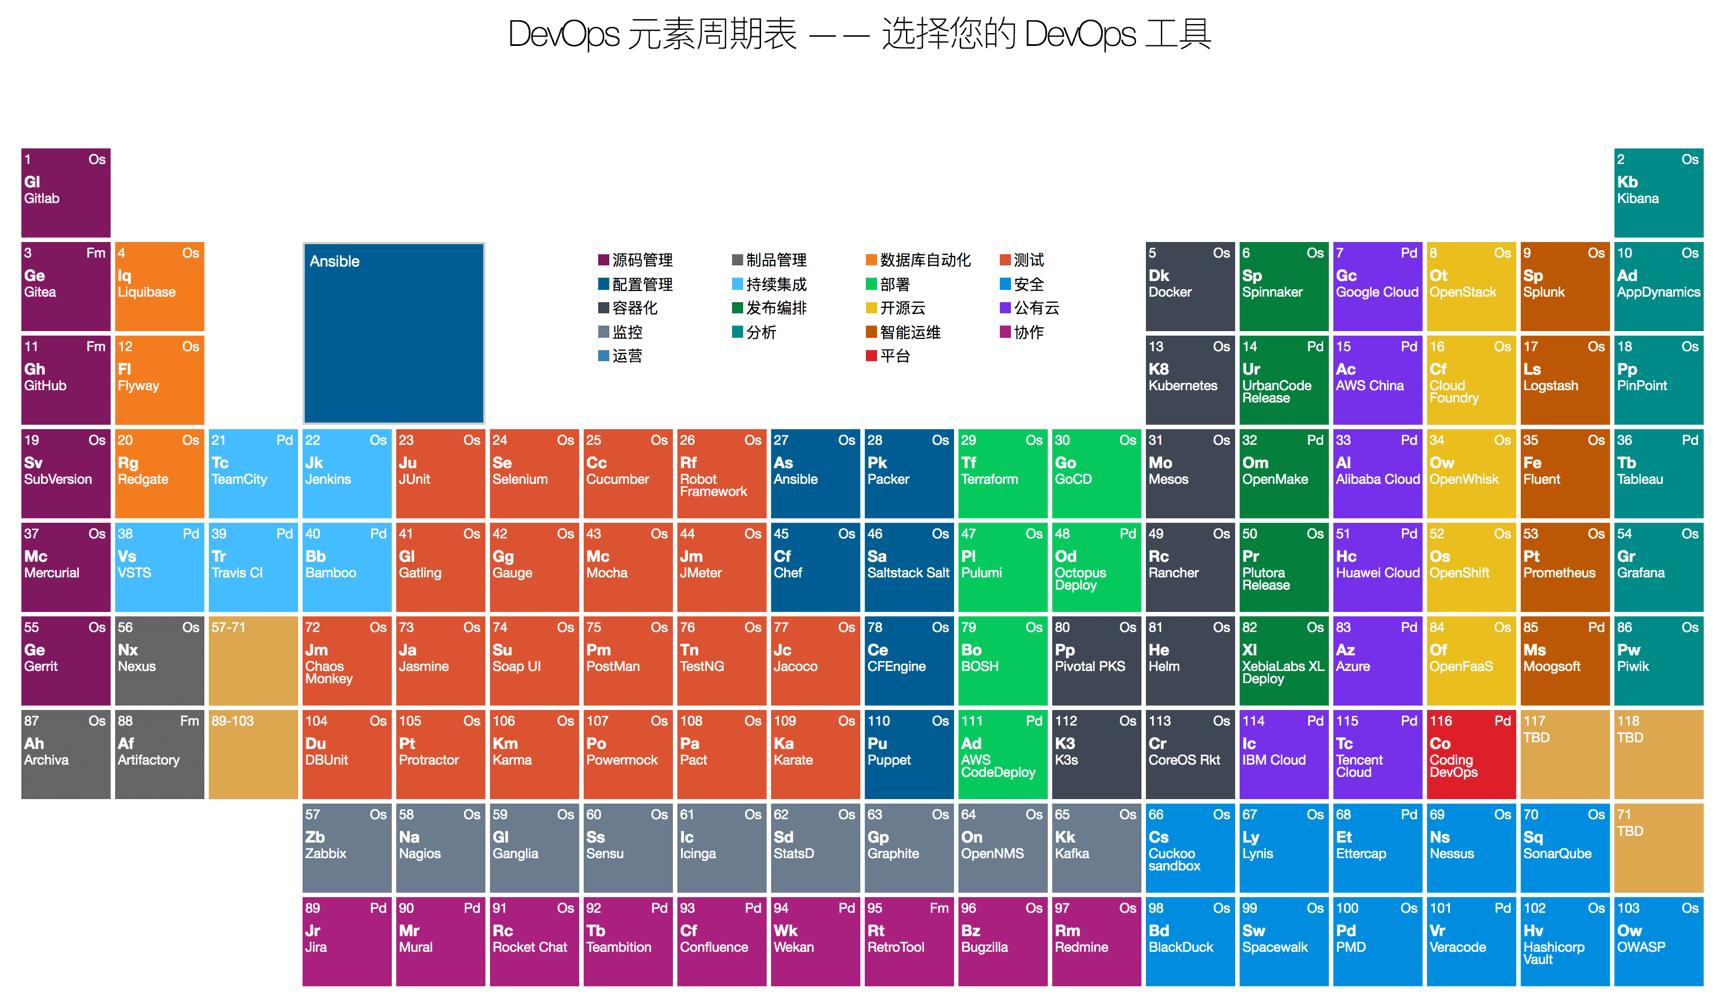 DevOps 元素周期表